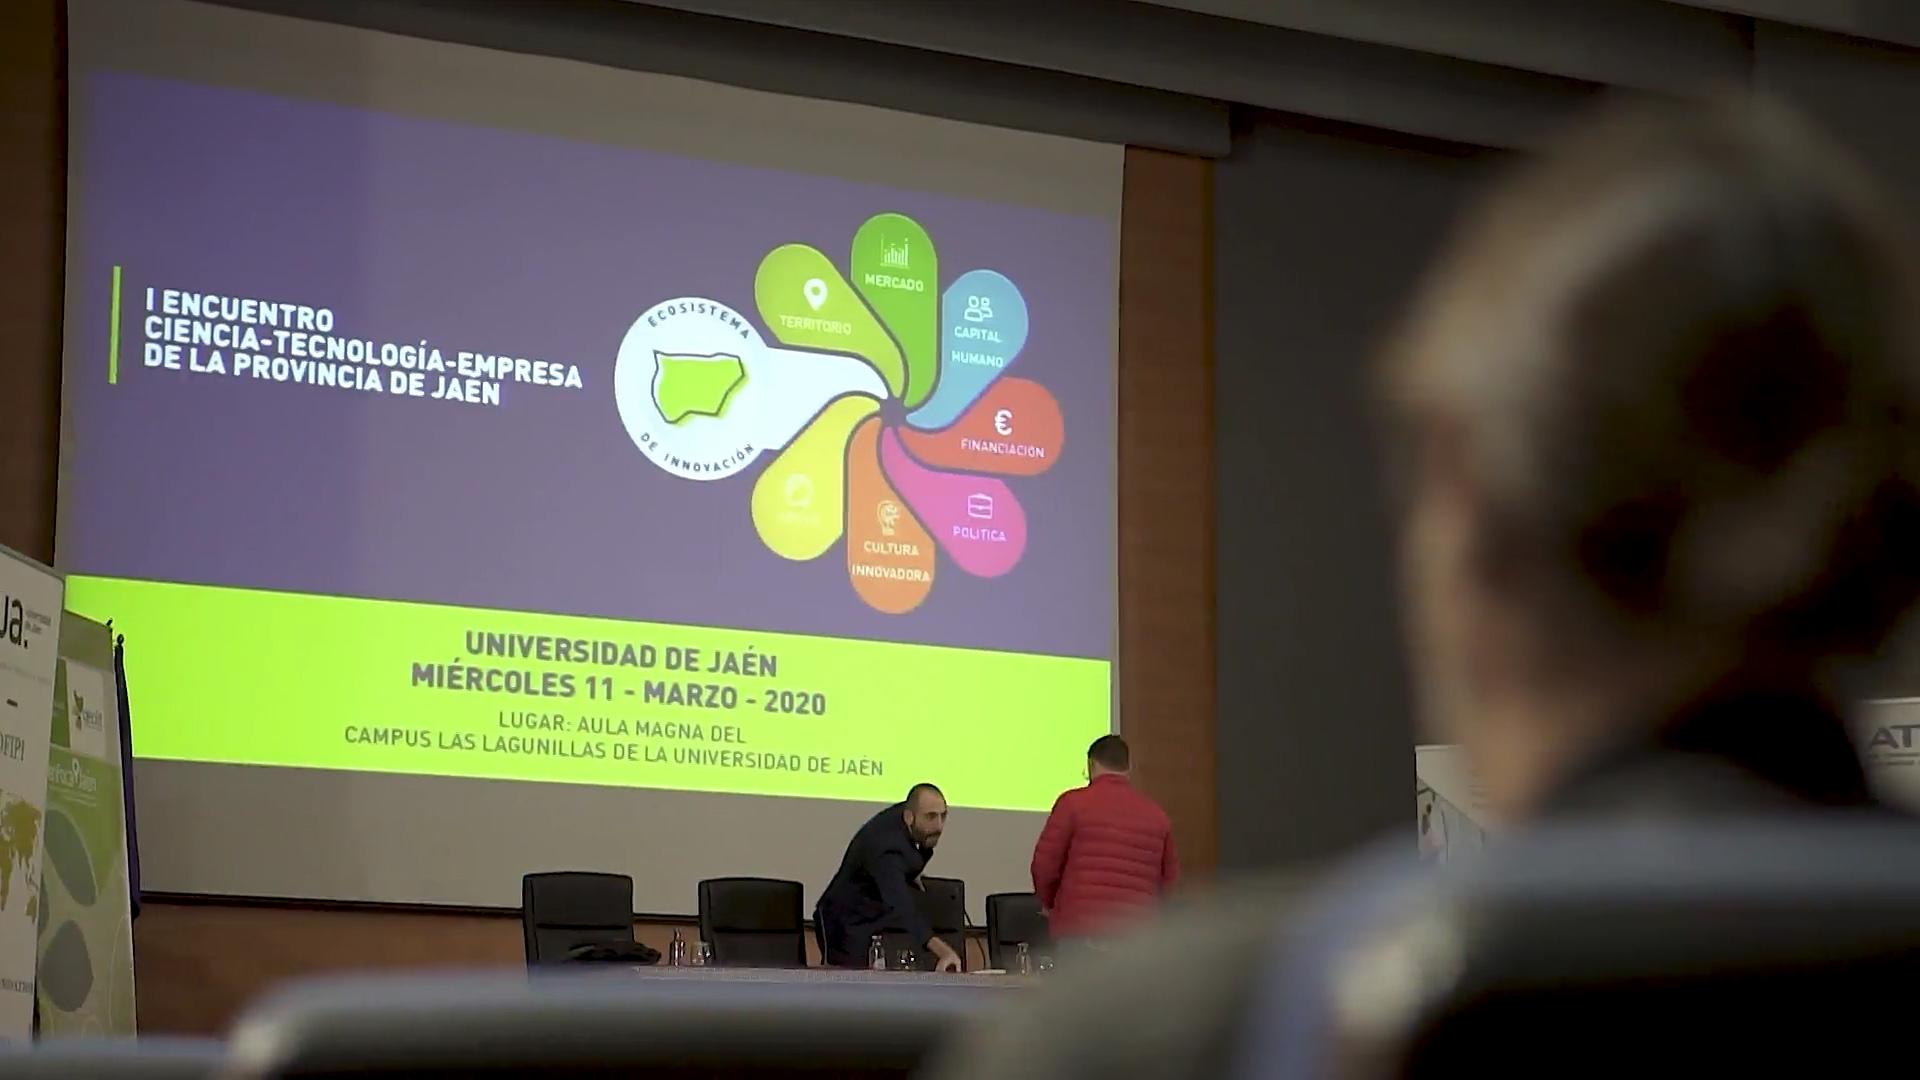 I Encuentro Ciencia-Tecnología-Empresa de la provincia de Jaén